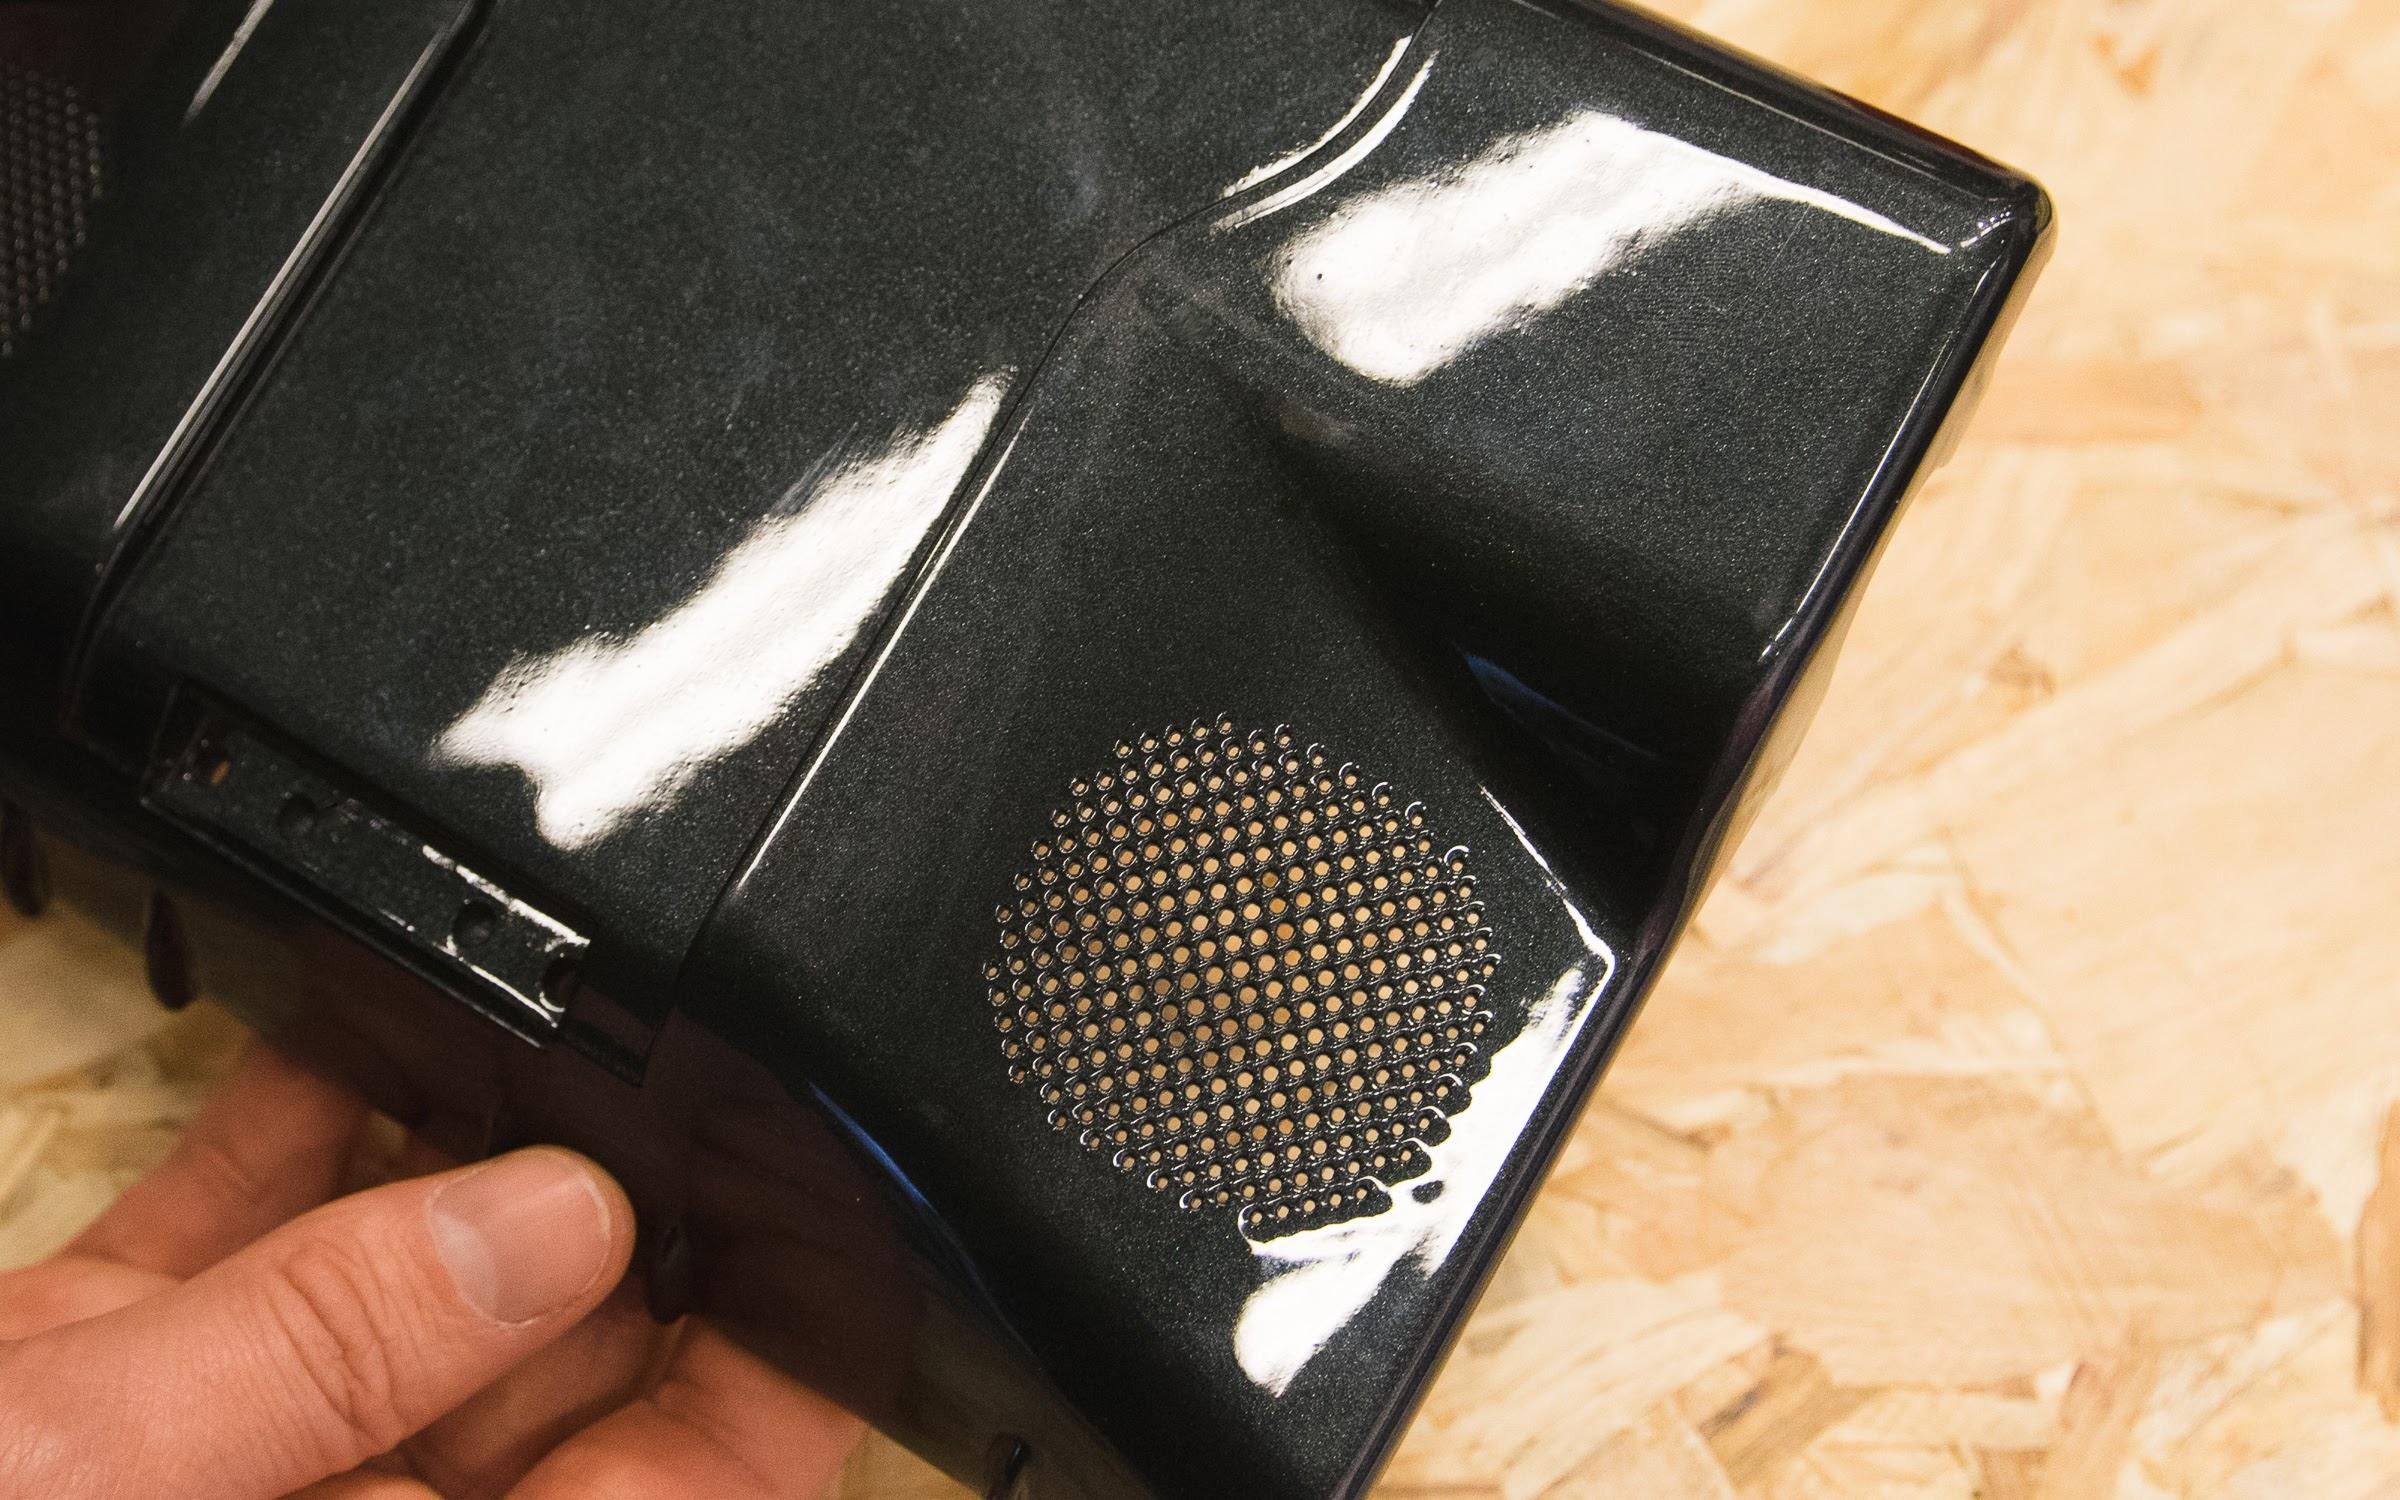 قطعه ای پرینت سه بعدی شده با تکنولوژی SLS و از جنس نایلون (PA-12) که سطح آن با استفاده از اسپری رنگ و وارنیش پرداخت شده است.